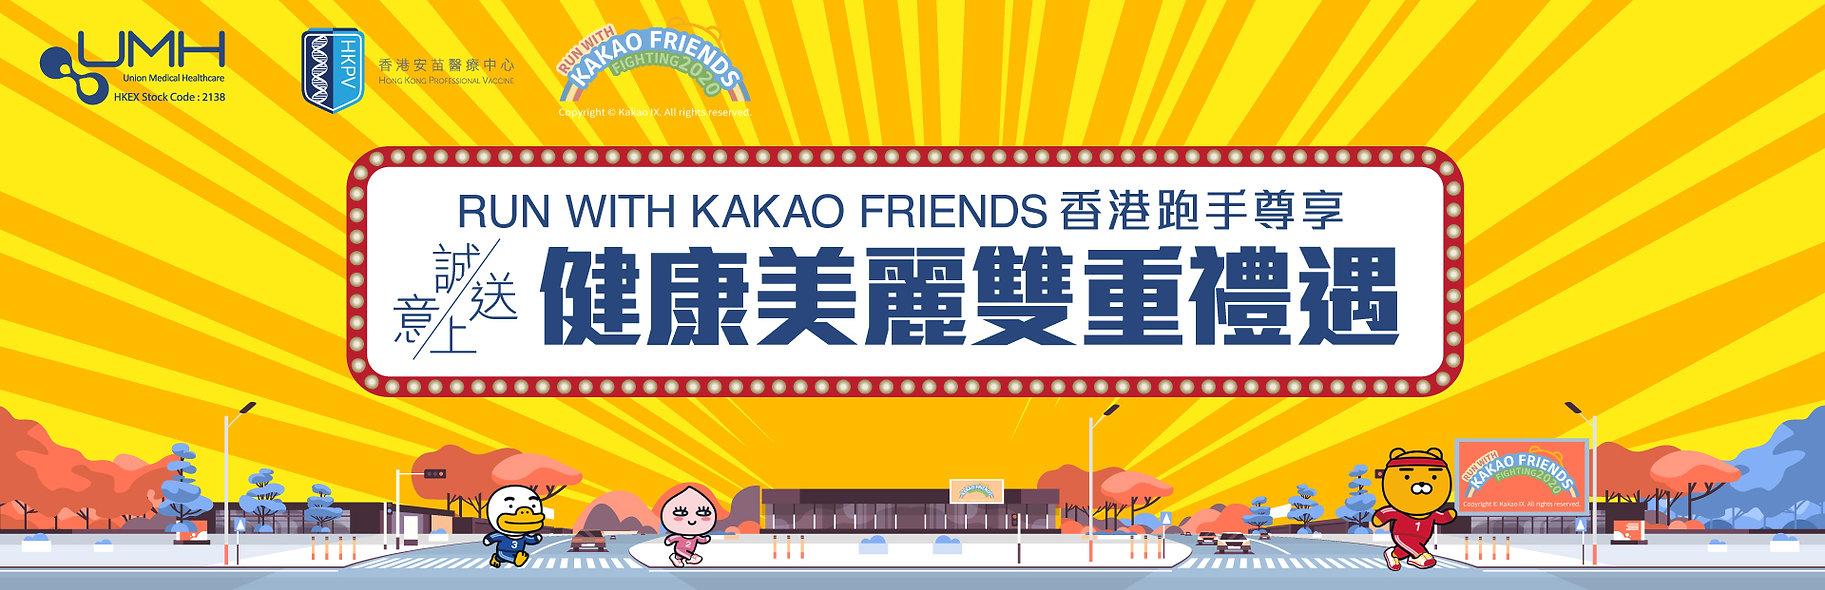 20200921 Kakao run banner 01_1920x621.jp